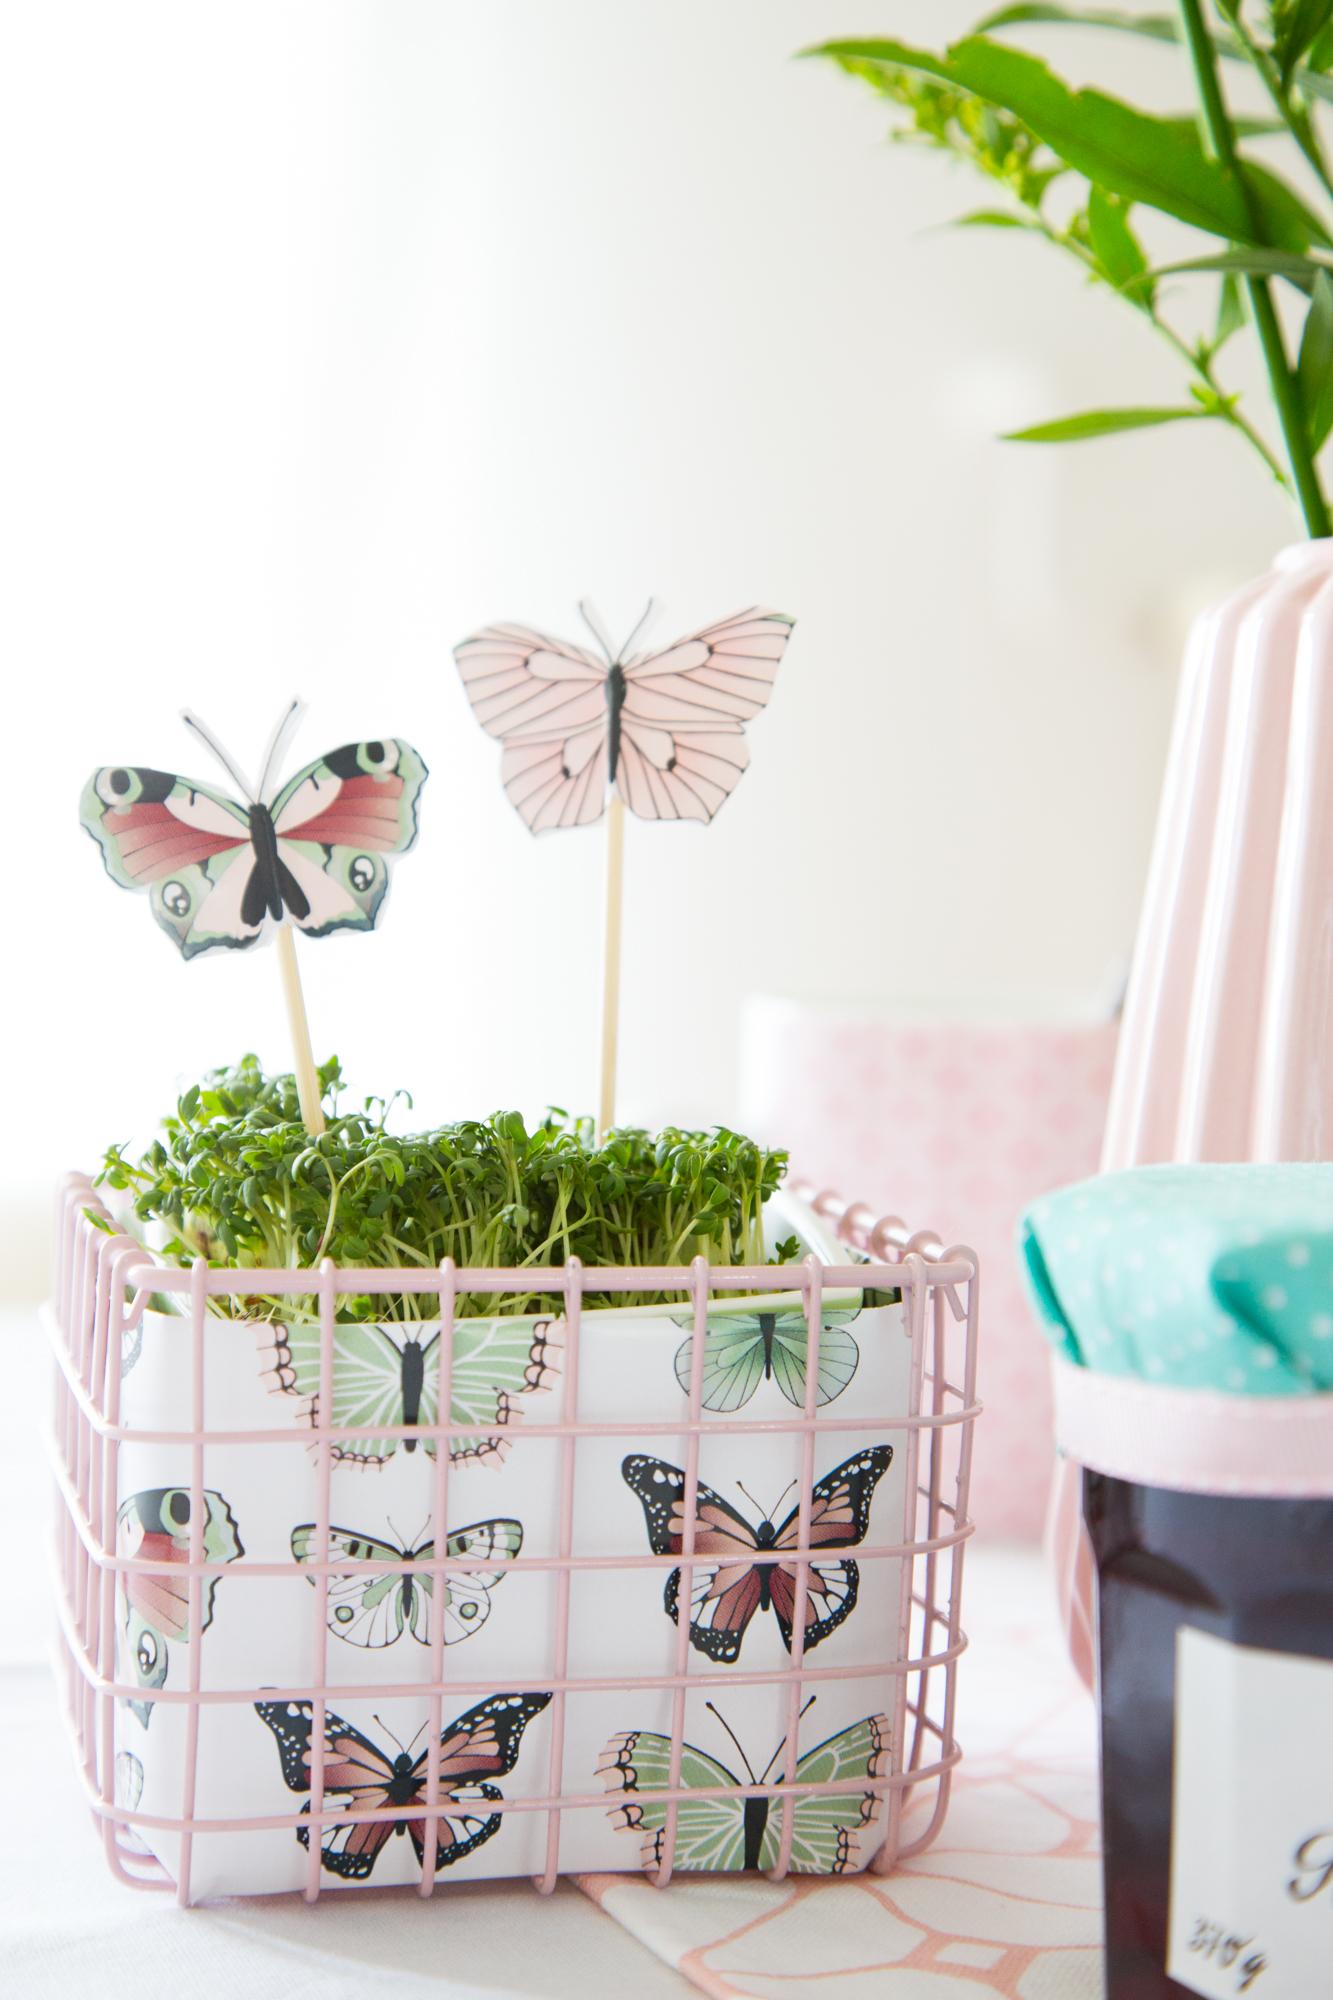 blumenkranz fr hlingsstimmung auf dem tisch sch n bei dir by depot. Black Bedroom Furniture Sets. Home Design Ideas